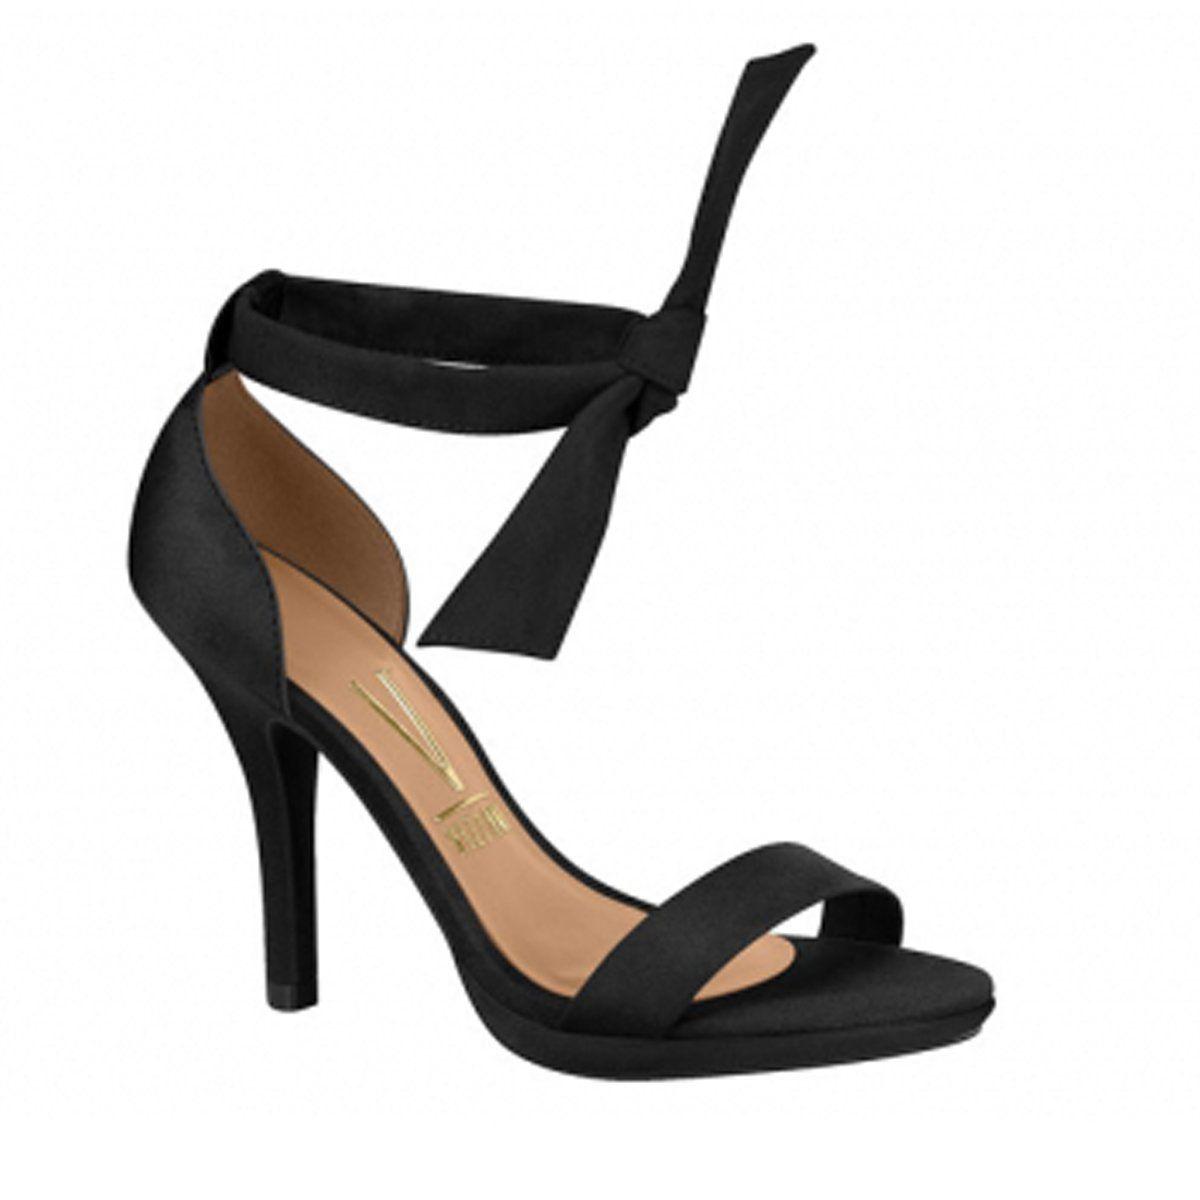 99a8c9490 Compre Online Sandália de salto fino com laço no tornozelo Vizzano 6210.458